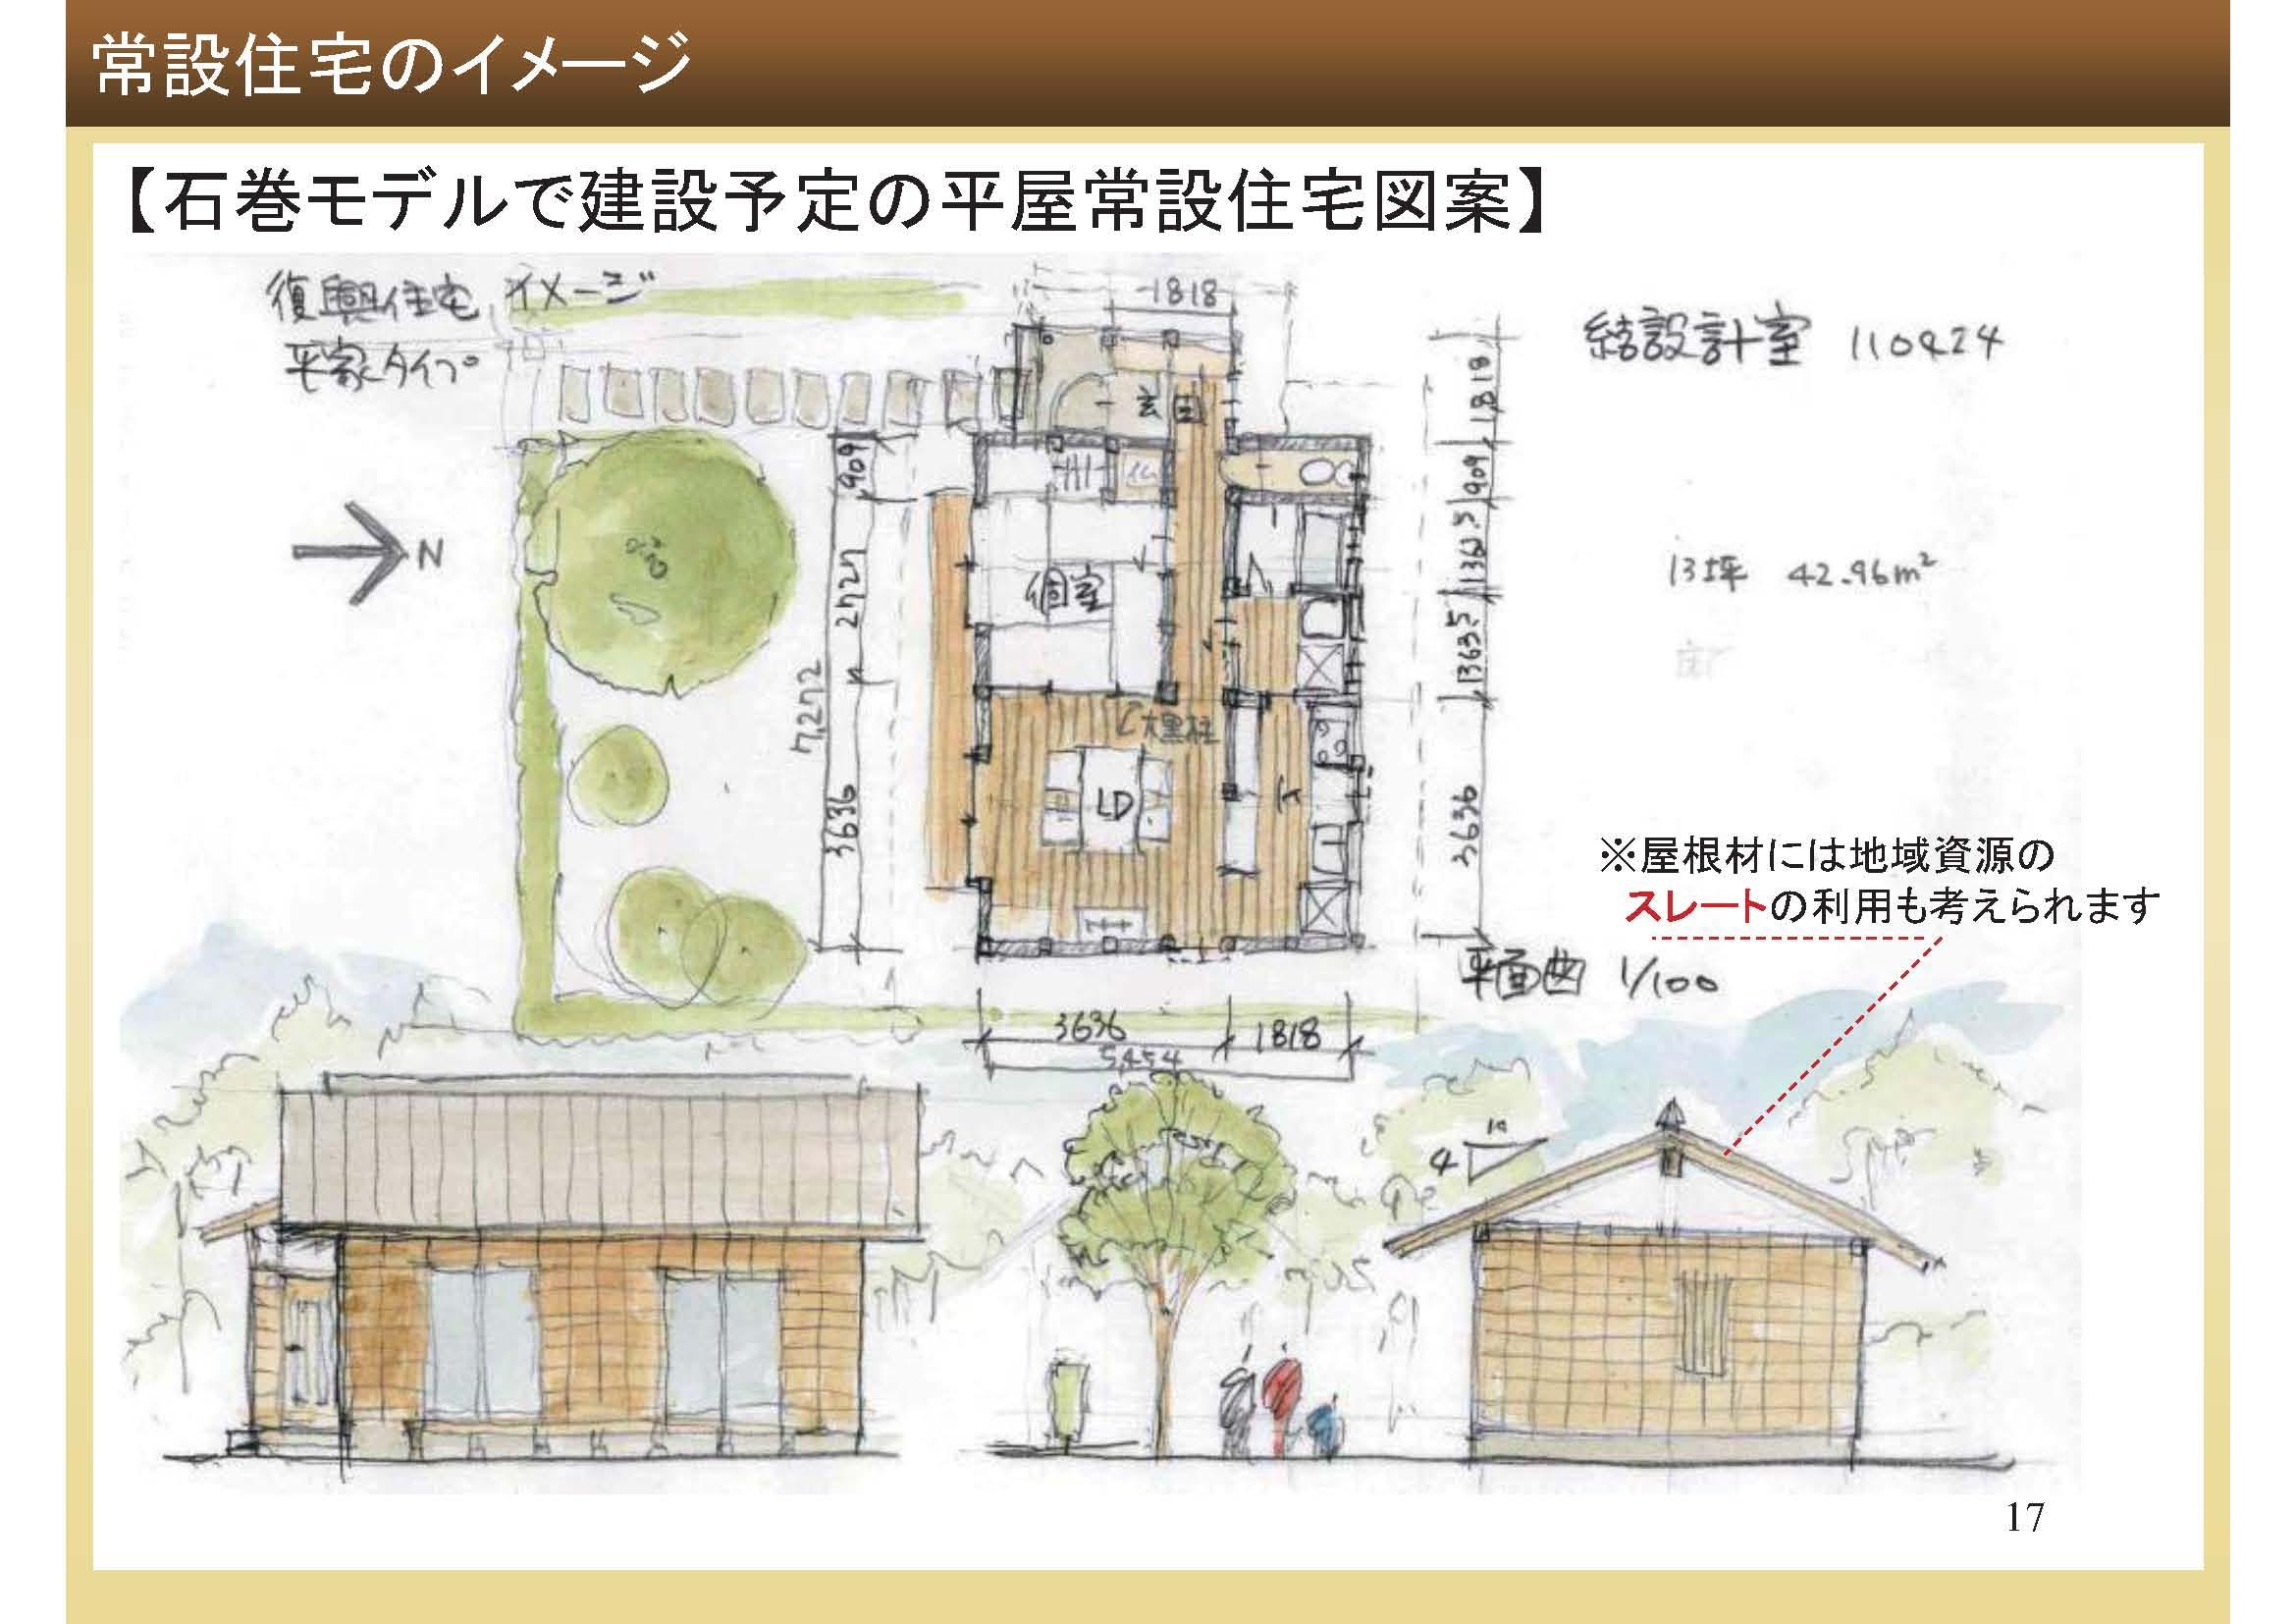 東日本大震災 石巻市北上町で井戸掘削開始!!_b0170161_11172357.jpg